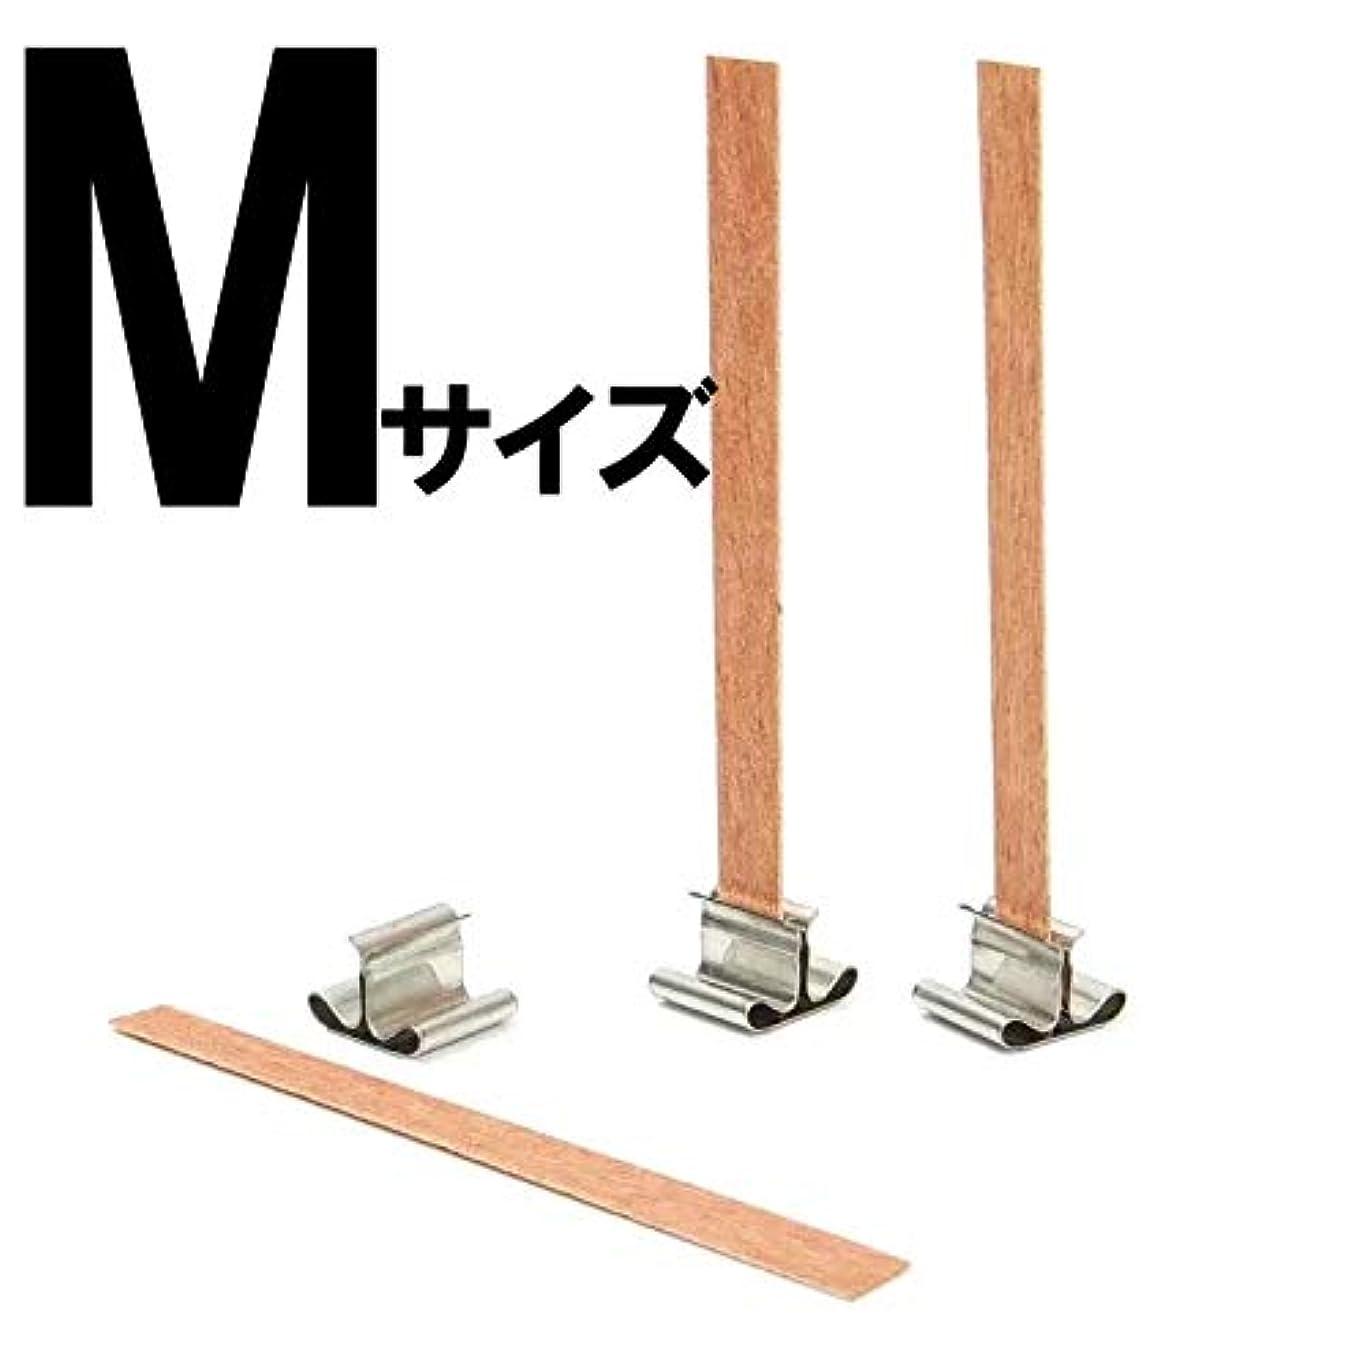 砂利砲撃ガイダンスキャンドル用 木芯 ウッドウィック 座金付き Mサイズ (5本セット)